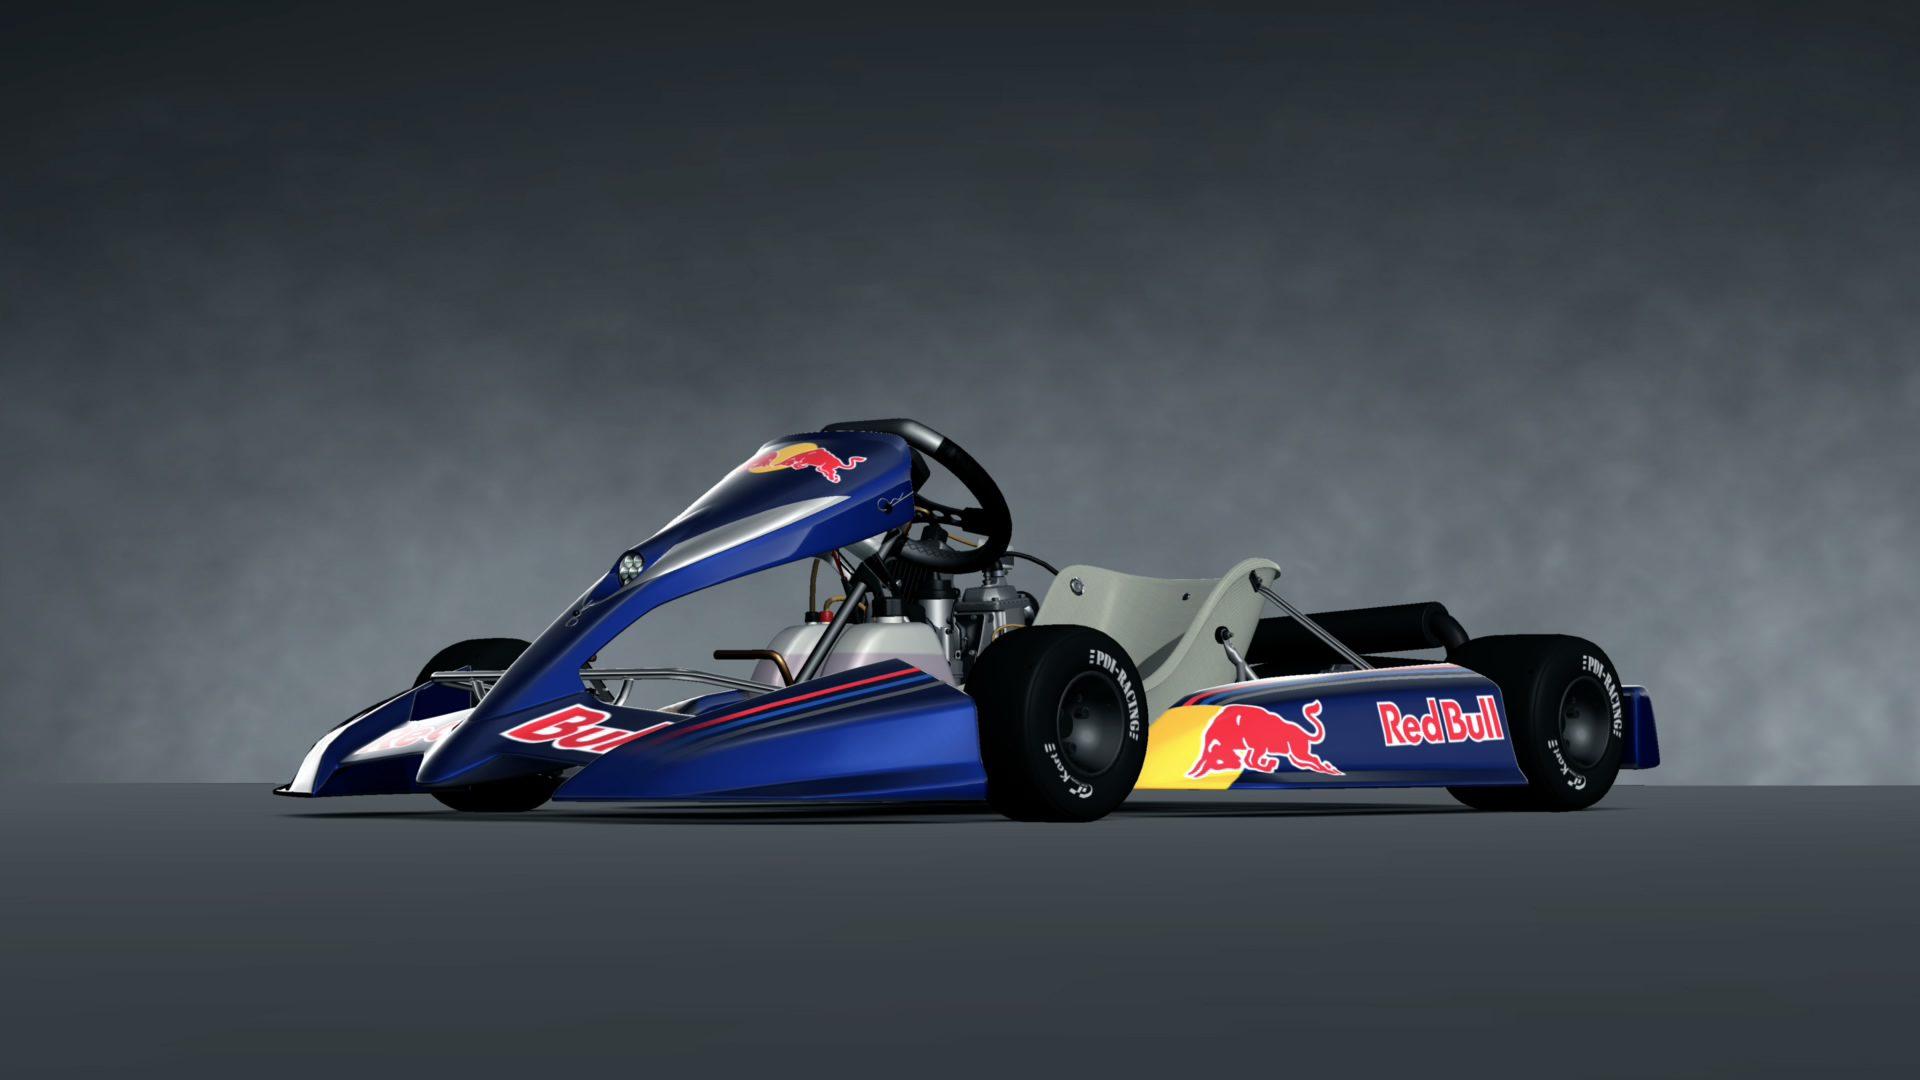 Car Sport Wallpaper Full Hd Gran Turismo Red Bull Racing Kart 125